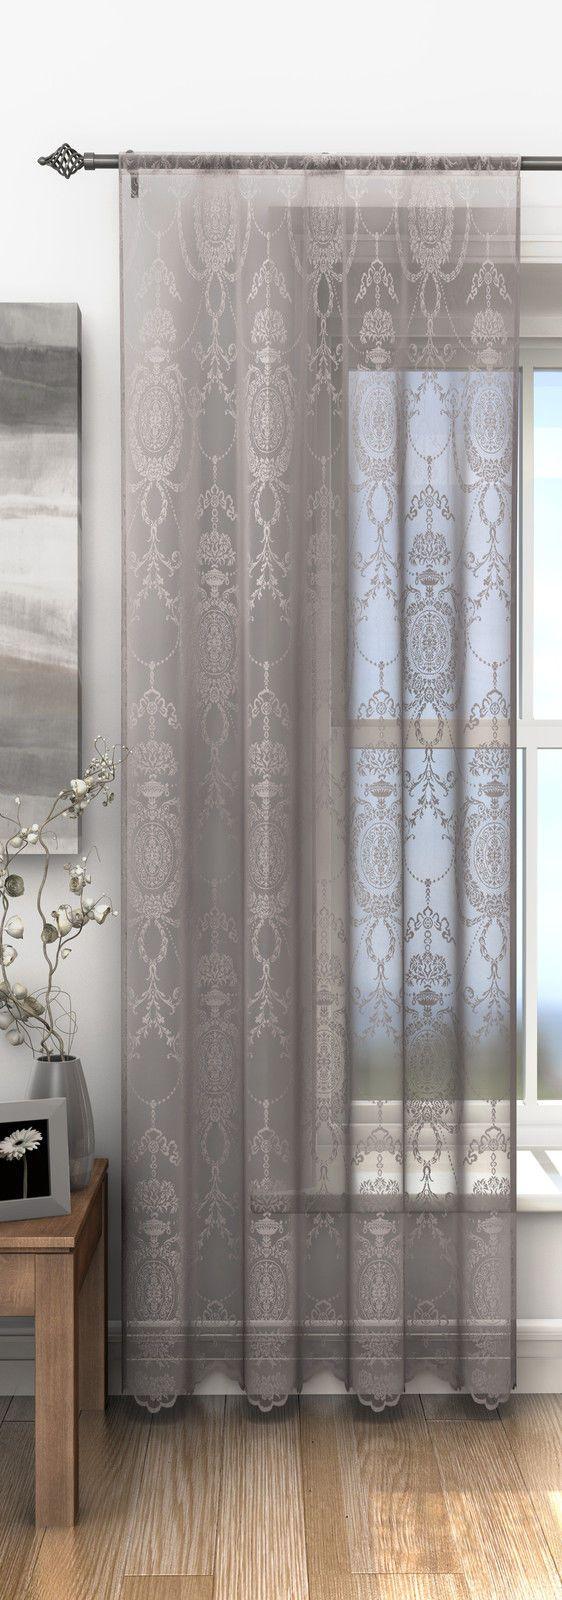 Home decoration autrefois rideaux - Holly Victorian Style Lace Panel Excellent Quality 5 Colours Bargain